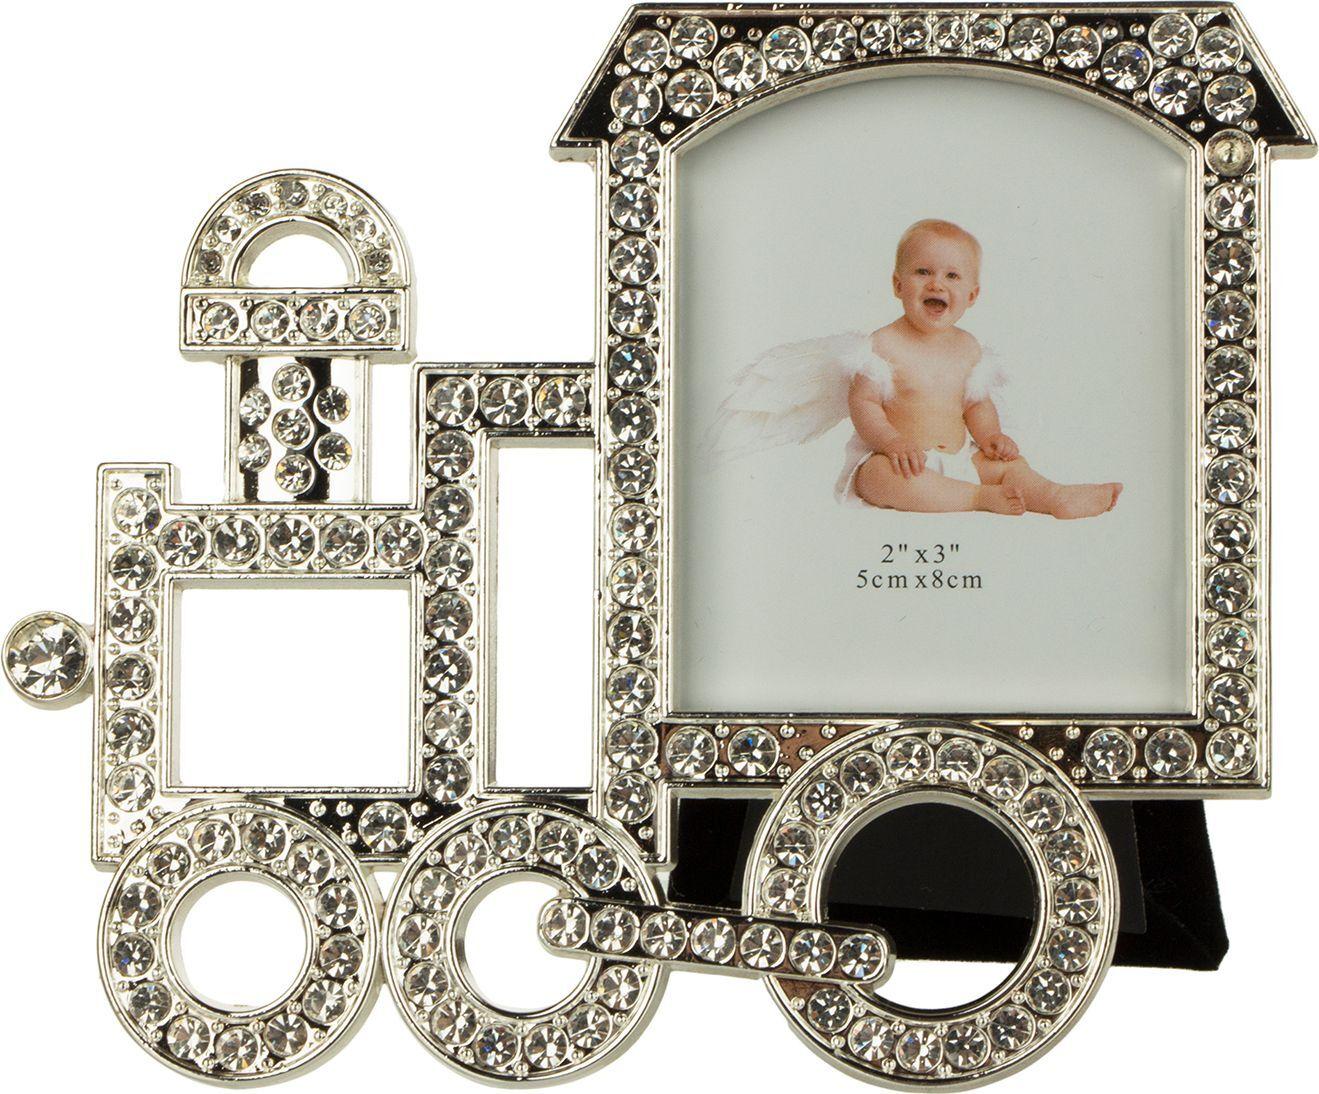 Фоторамка на серебряную свадьбу майнкрафт